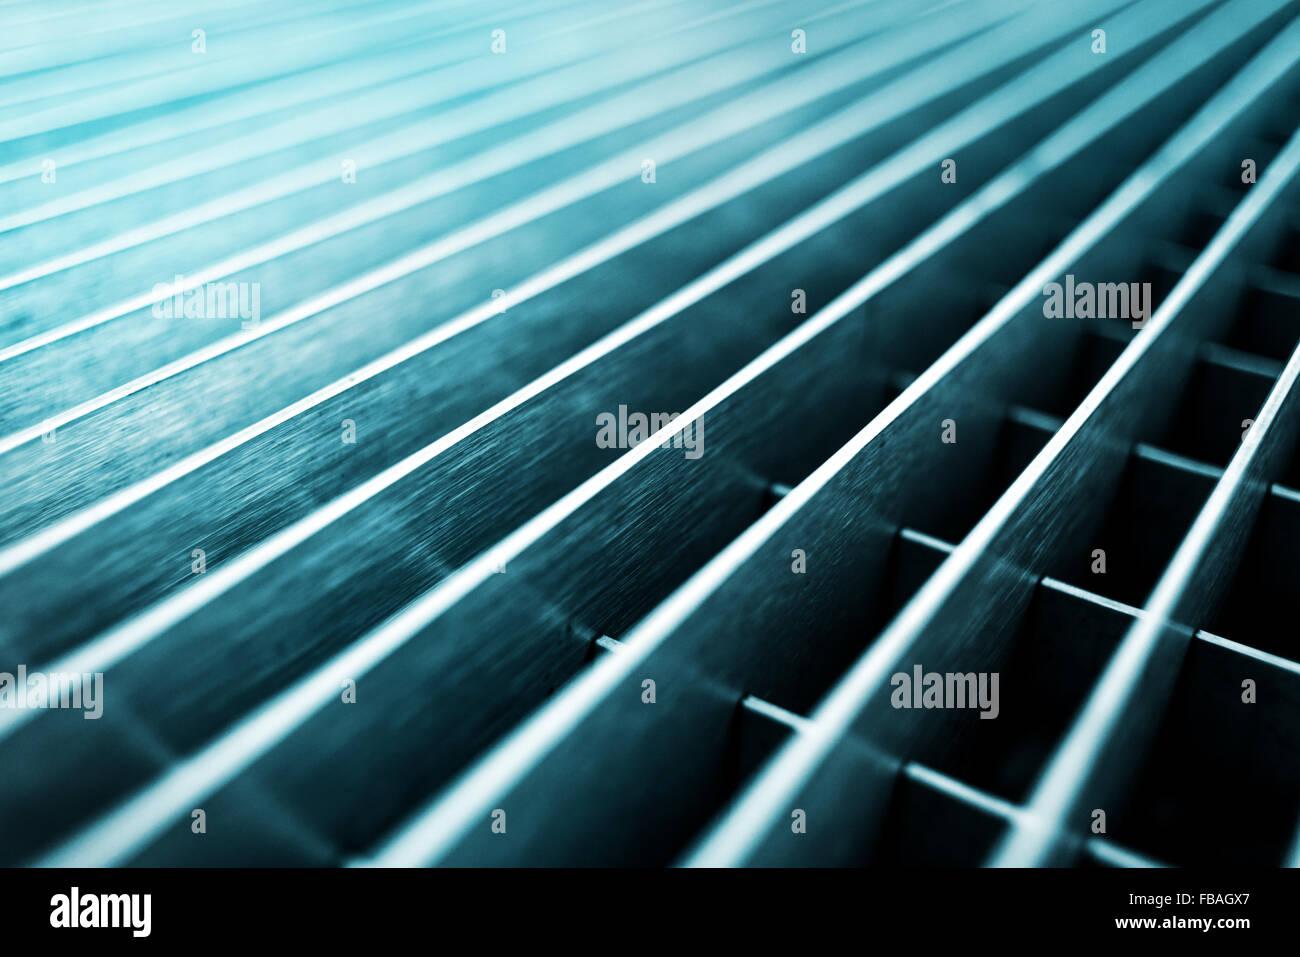 Abstrakte Metallgitter Hintergrund, selektiven Fokus mit geringen Schärfentiefe Stockbild